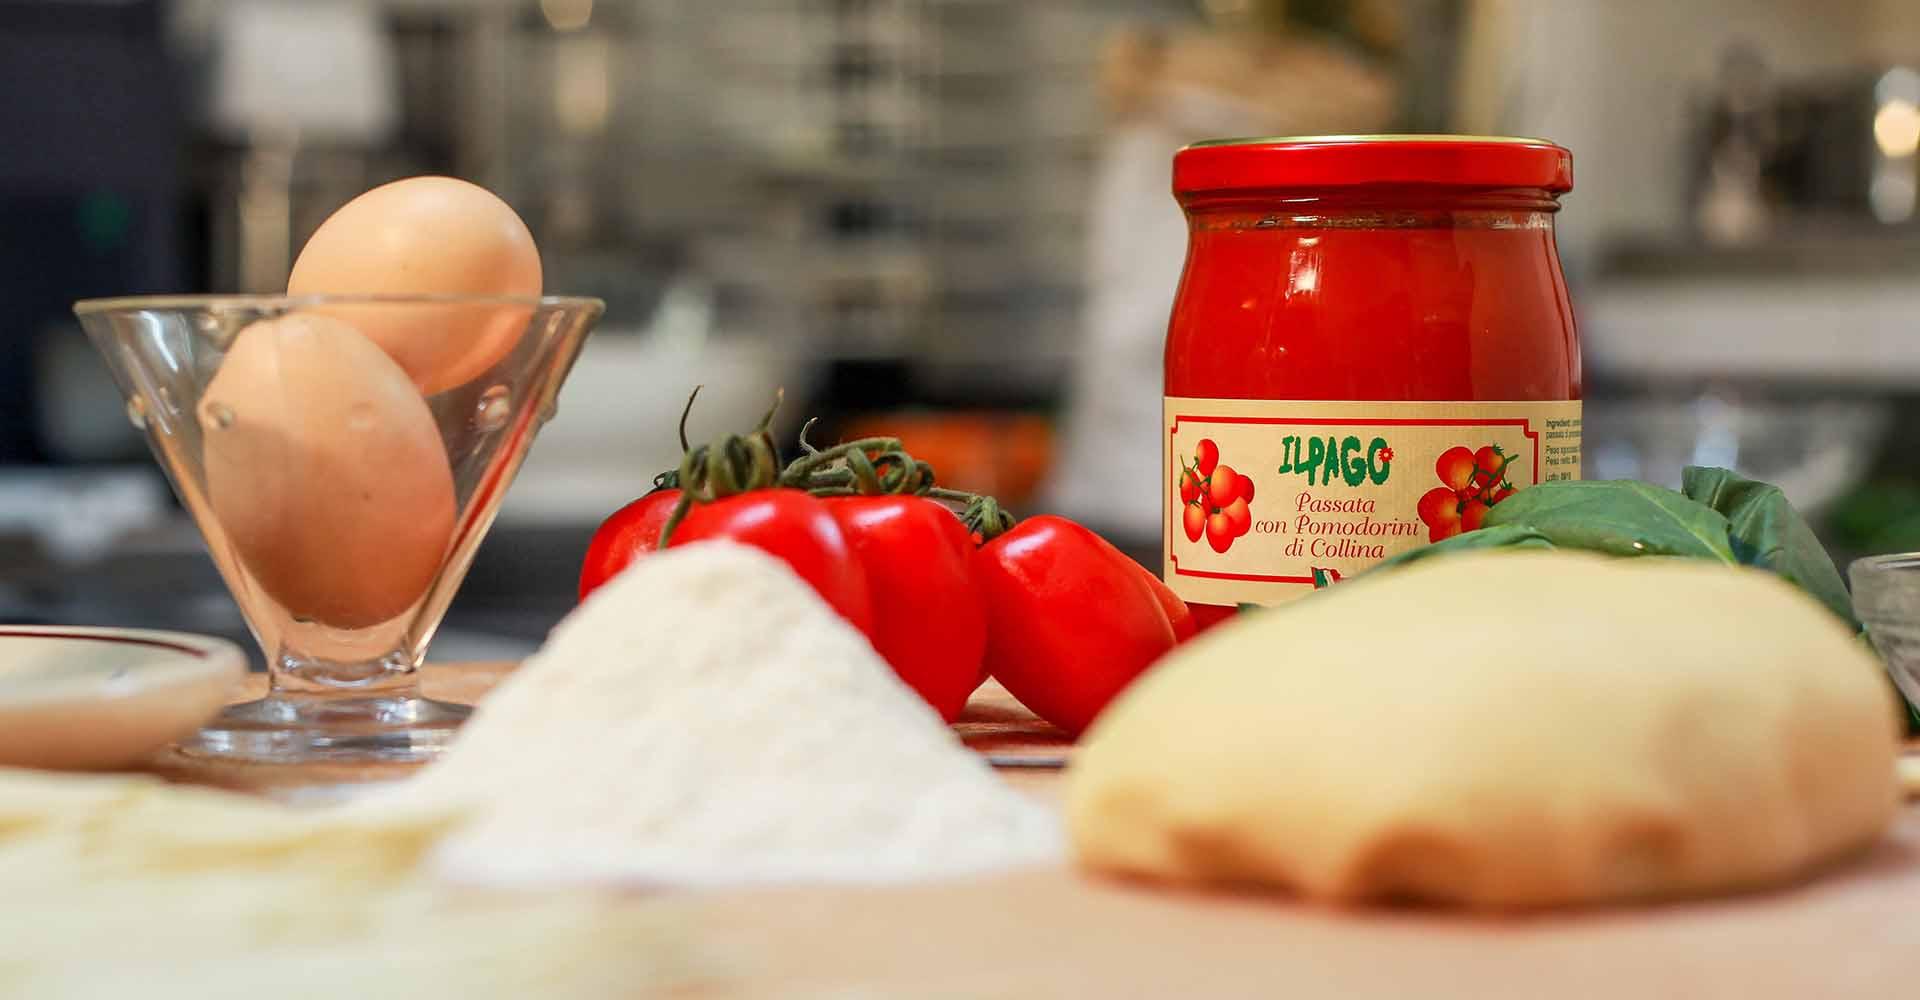 Ingredienti Frizzuli con Passata di Pomodoro e Pomodorini